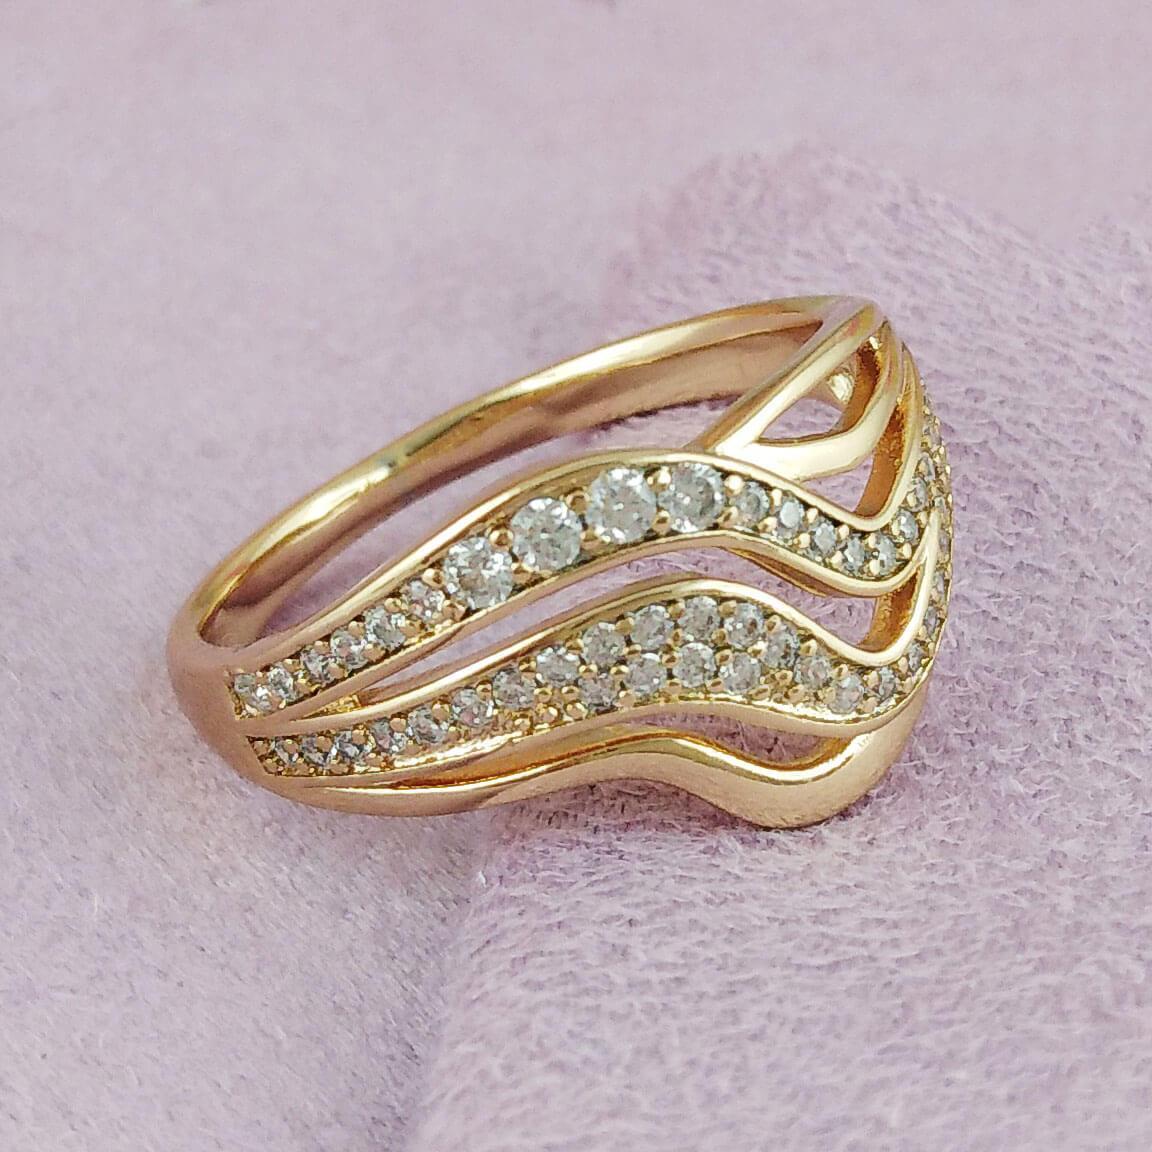 Кольцо Xuping Jewelry размер 16,5 Джиневра медицинское золото позолота 18К А/В 2-0129